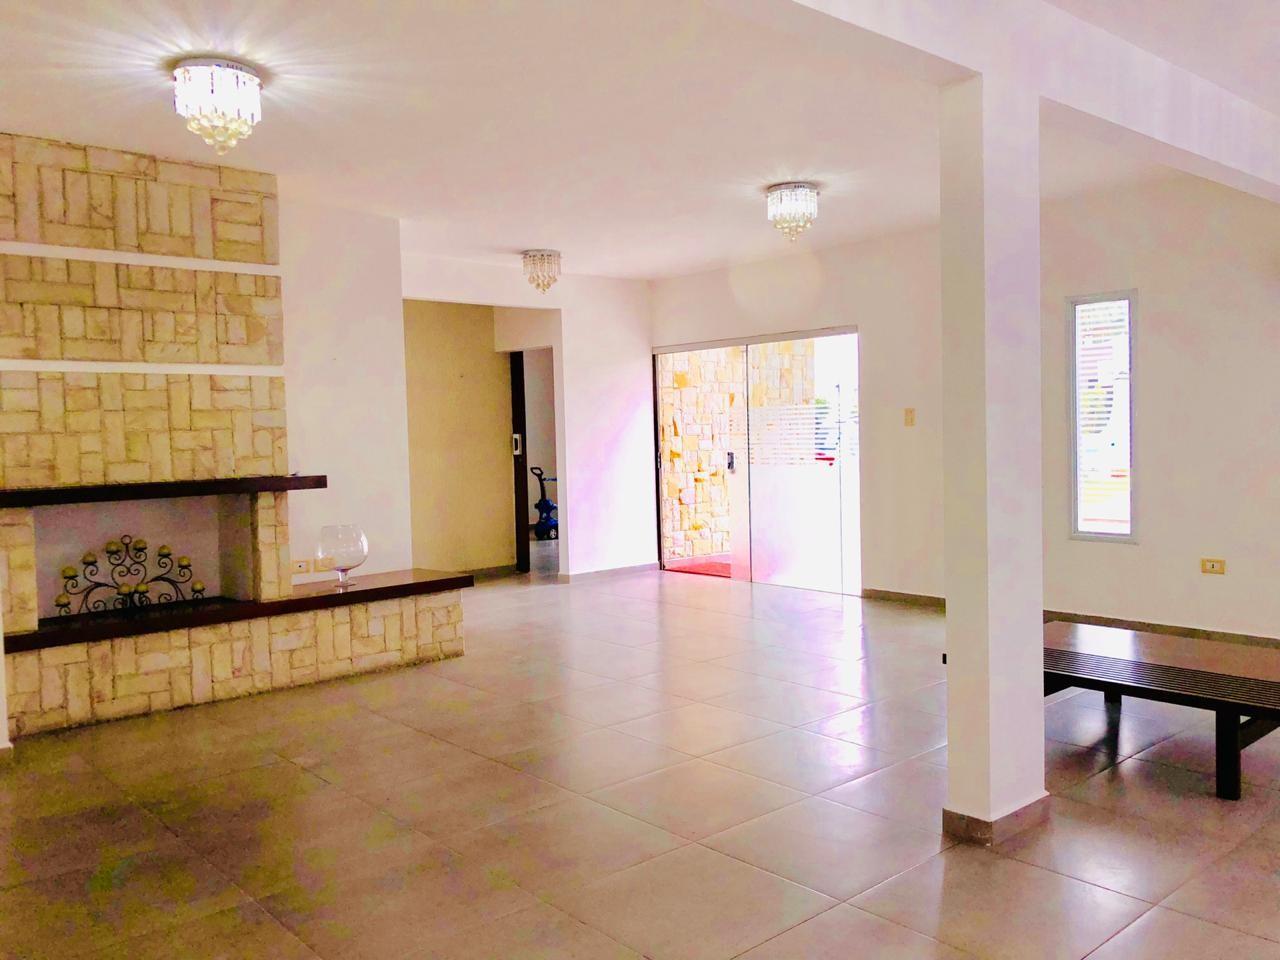 Casa en Alquiler Zona Urubo - Condominio Jardines del Urubo - lado de Restaurante Casa del Camba - a 1 minuto del Puente principal. Foto 17